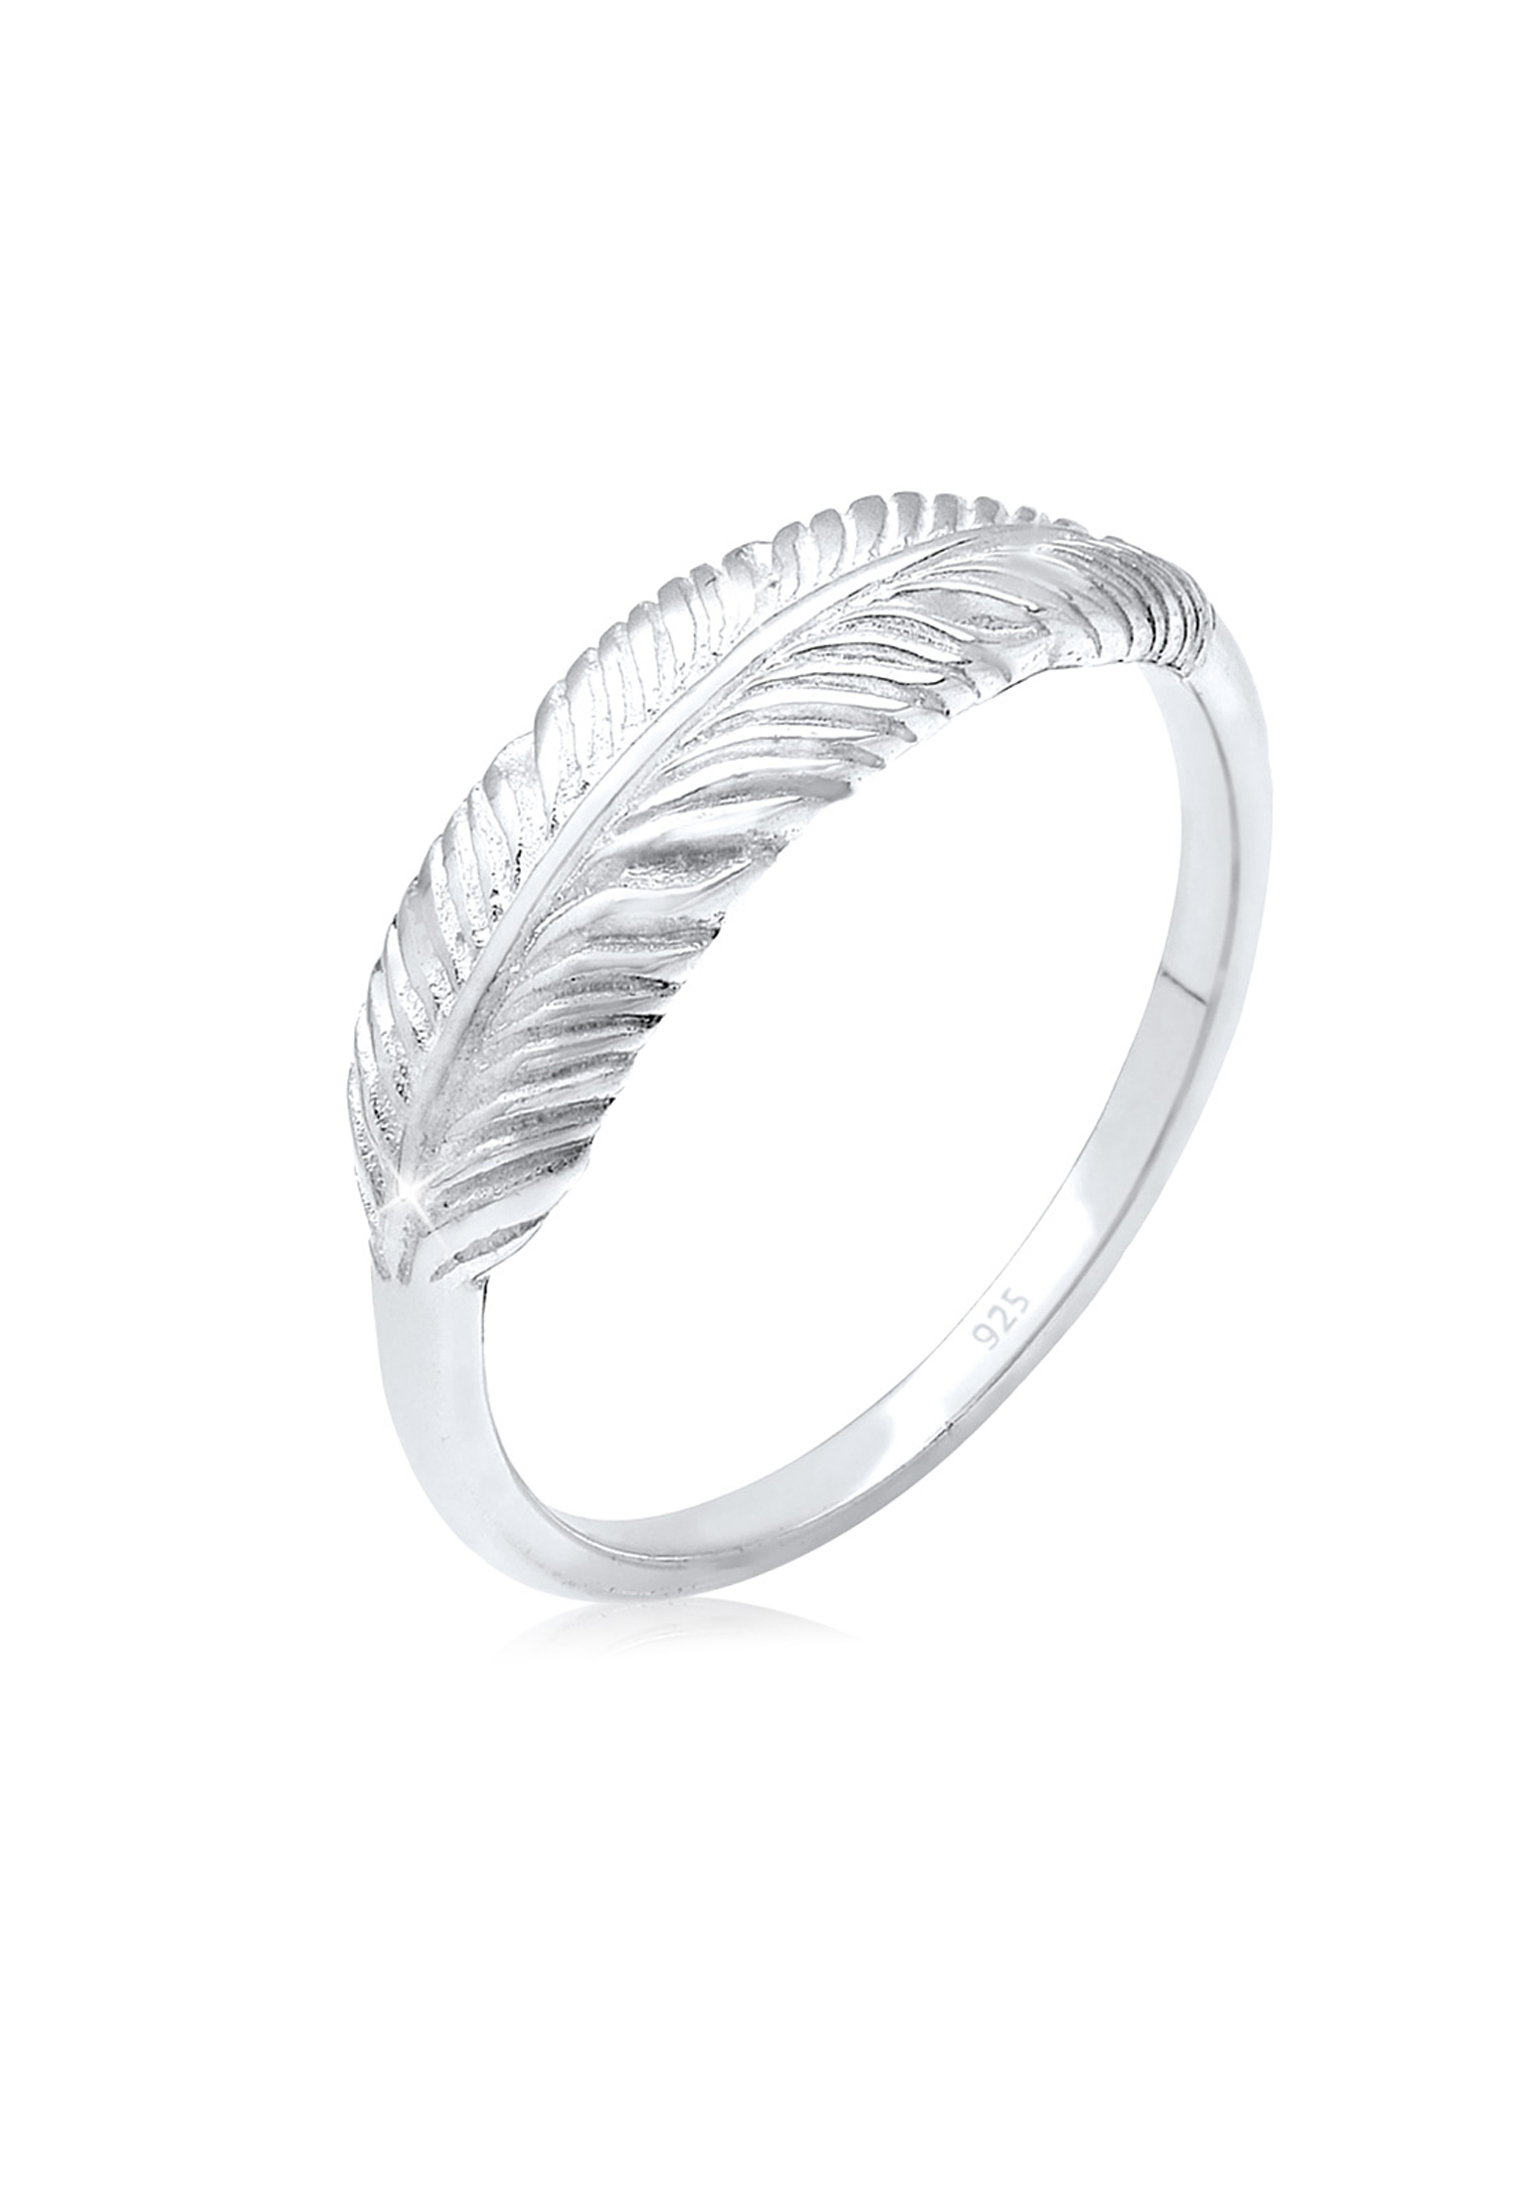 Ring Feder   925er Sterling Silber